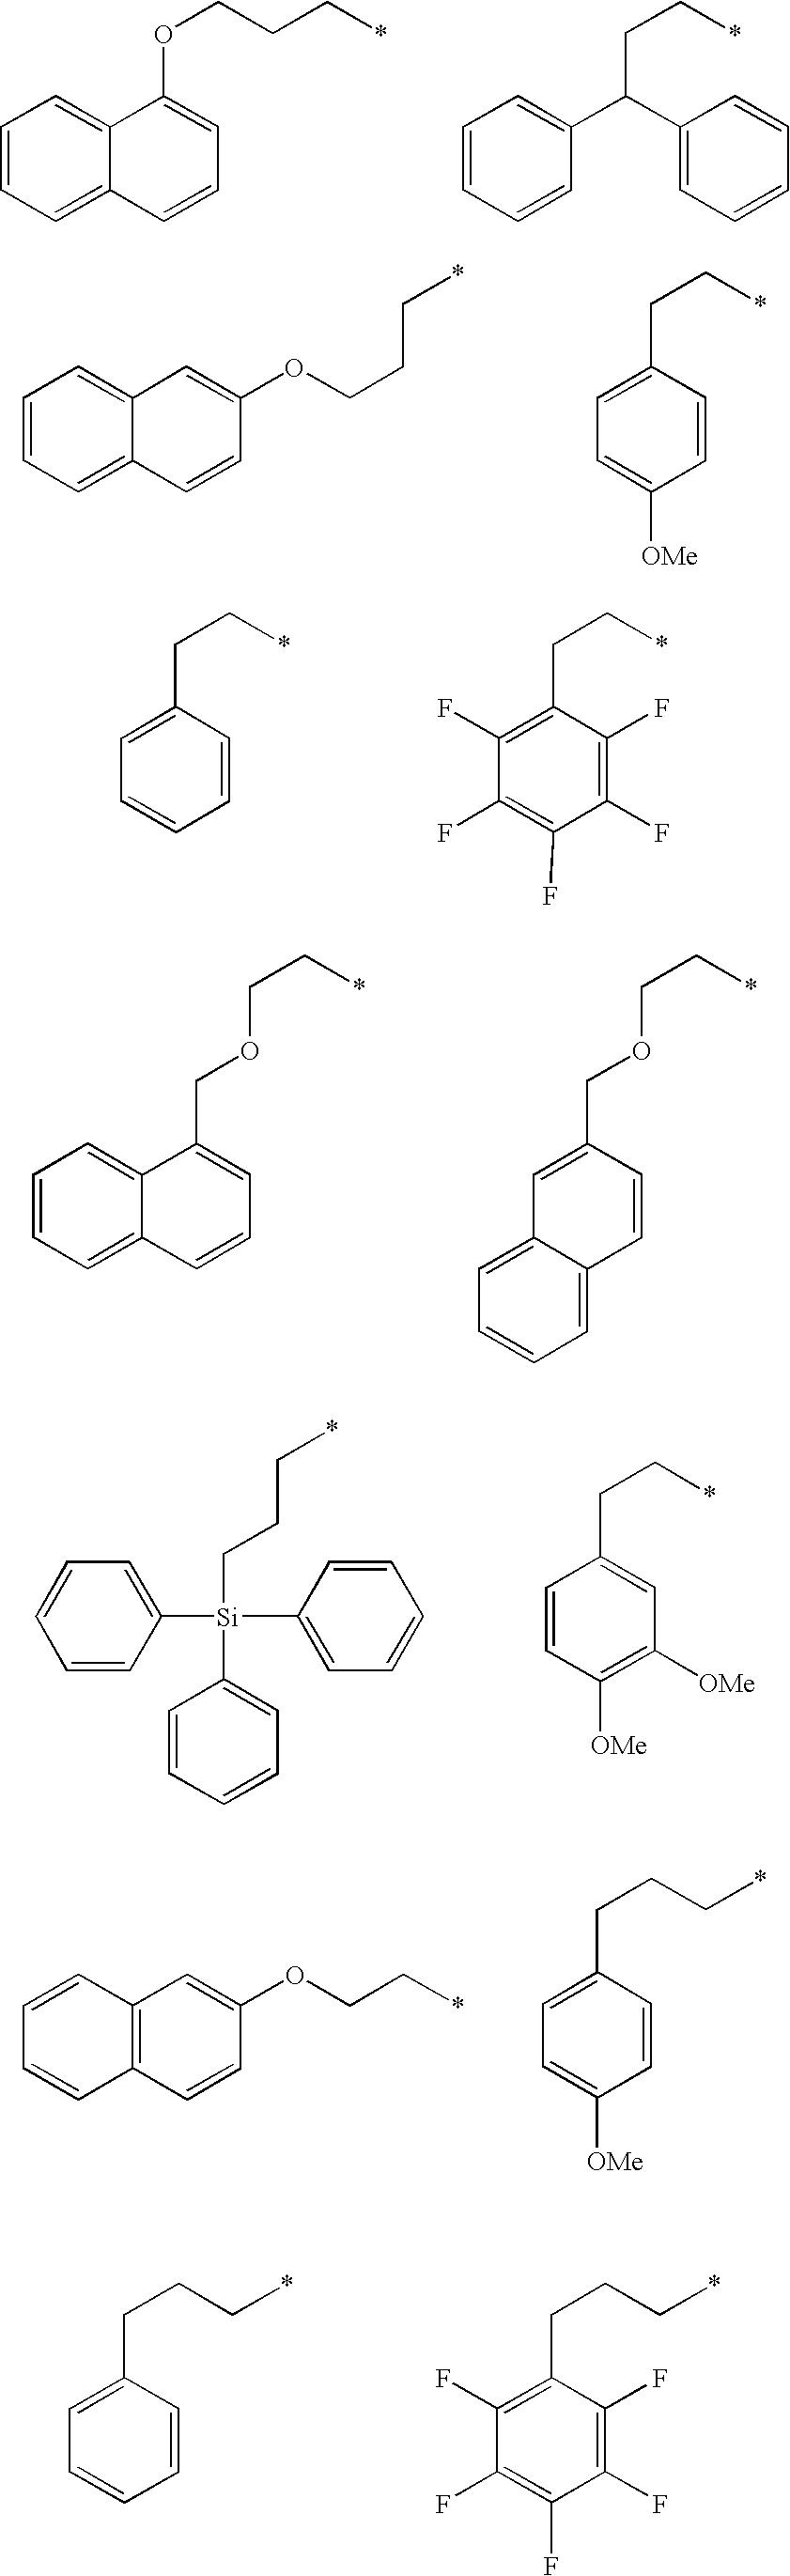 Figure US06989430-20060124-C00015